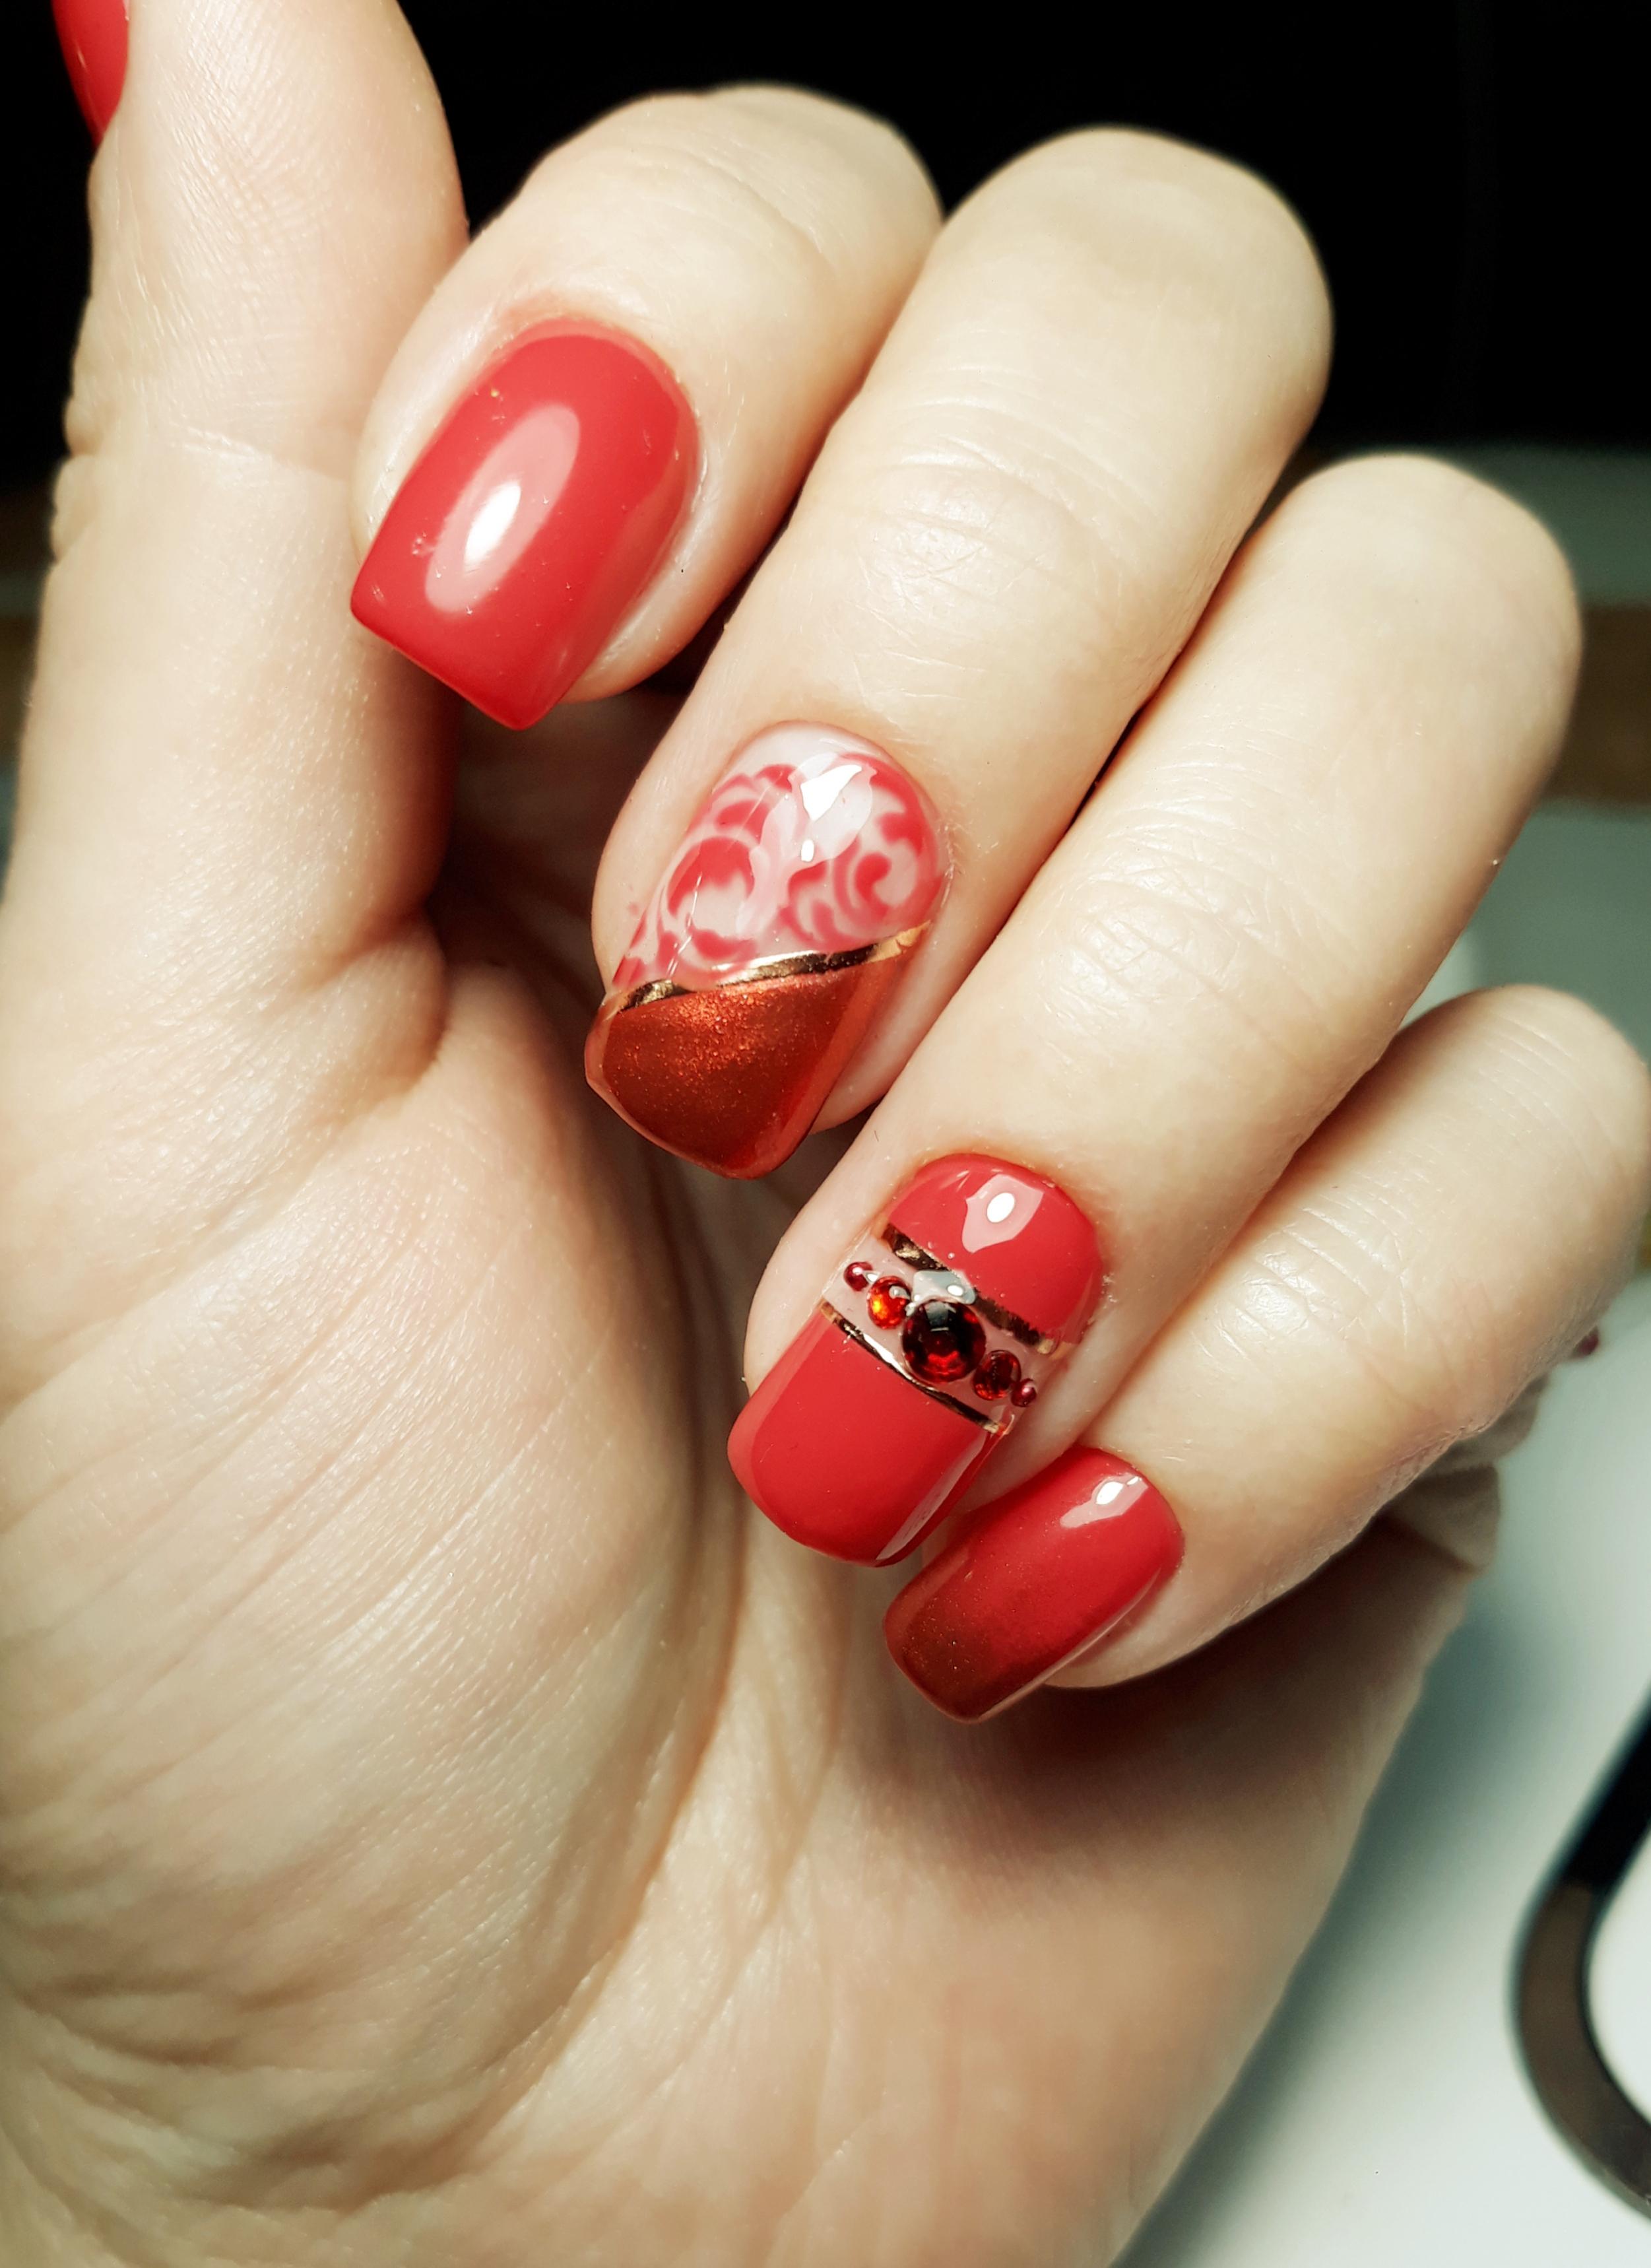 Маникюр с золотыми полосками и стразами в красном цвете.